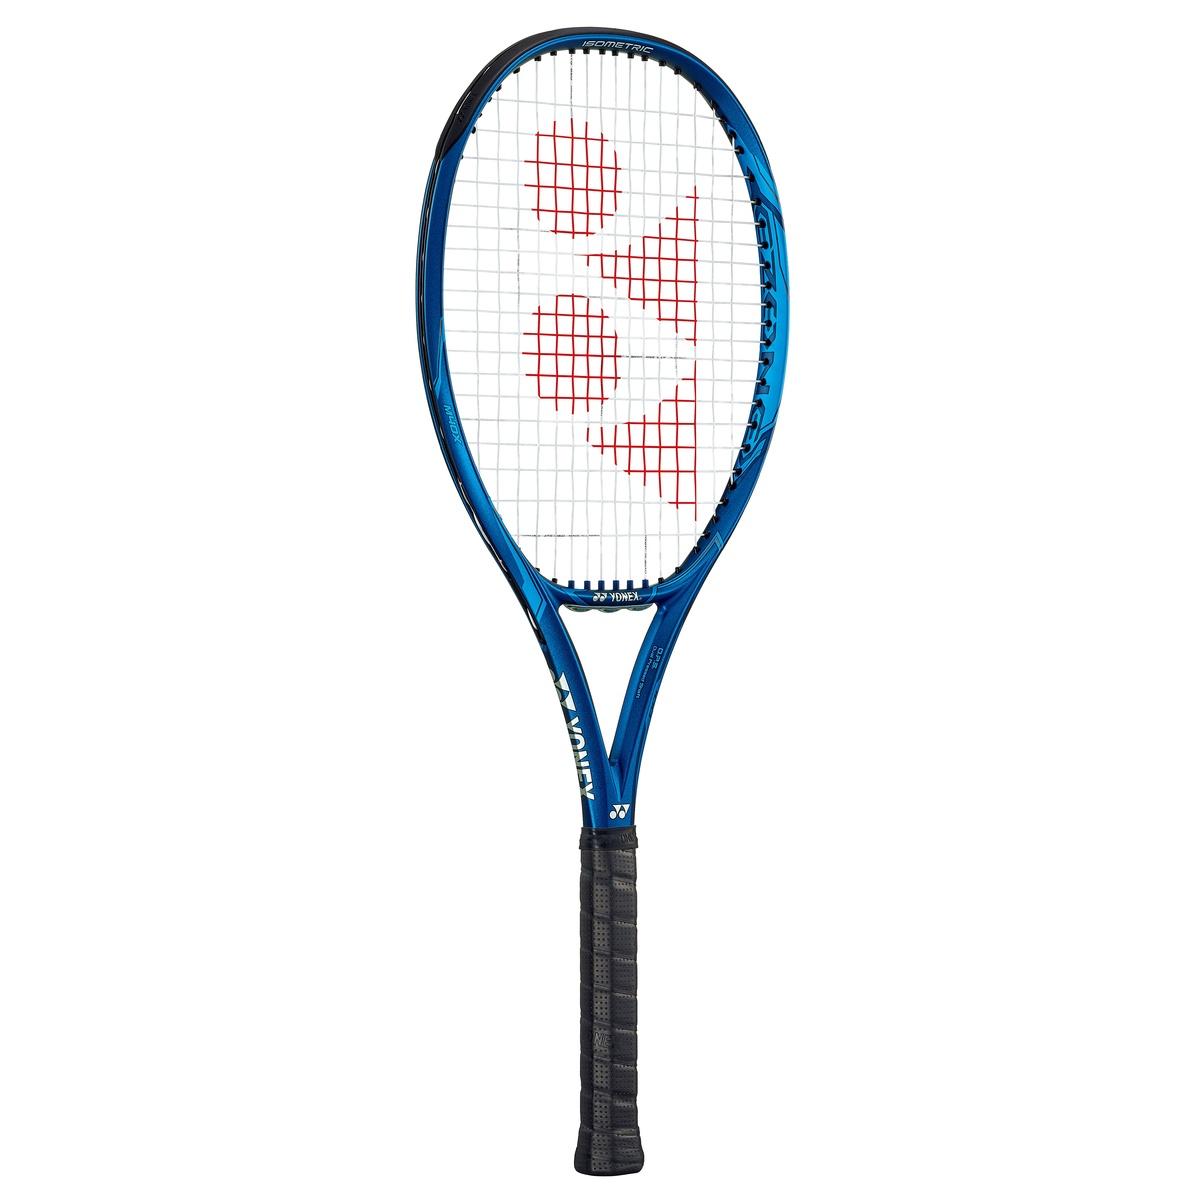 【送料無料】 YONEX (ヨネックス) 【フレームのみ】テニス フレームラケット Eゾーン100 06EZ100  566